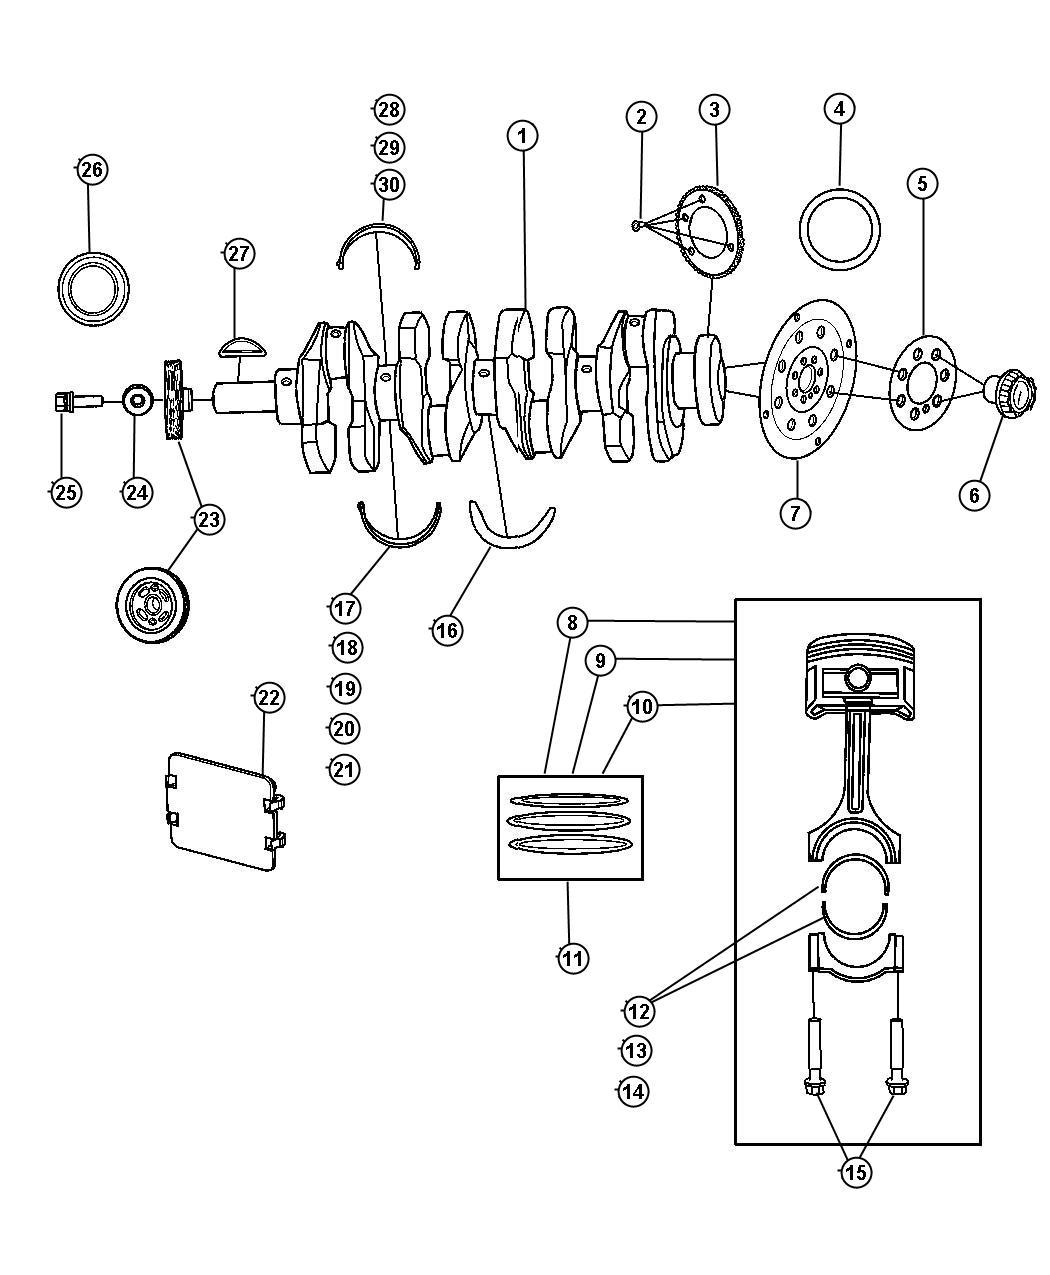 Dodge Caliber Damper. Crankshaft. Engine, vvt, dual